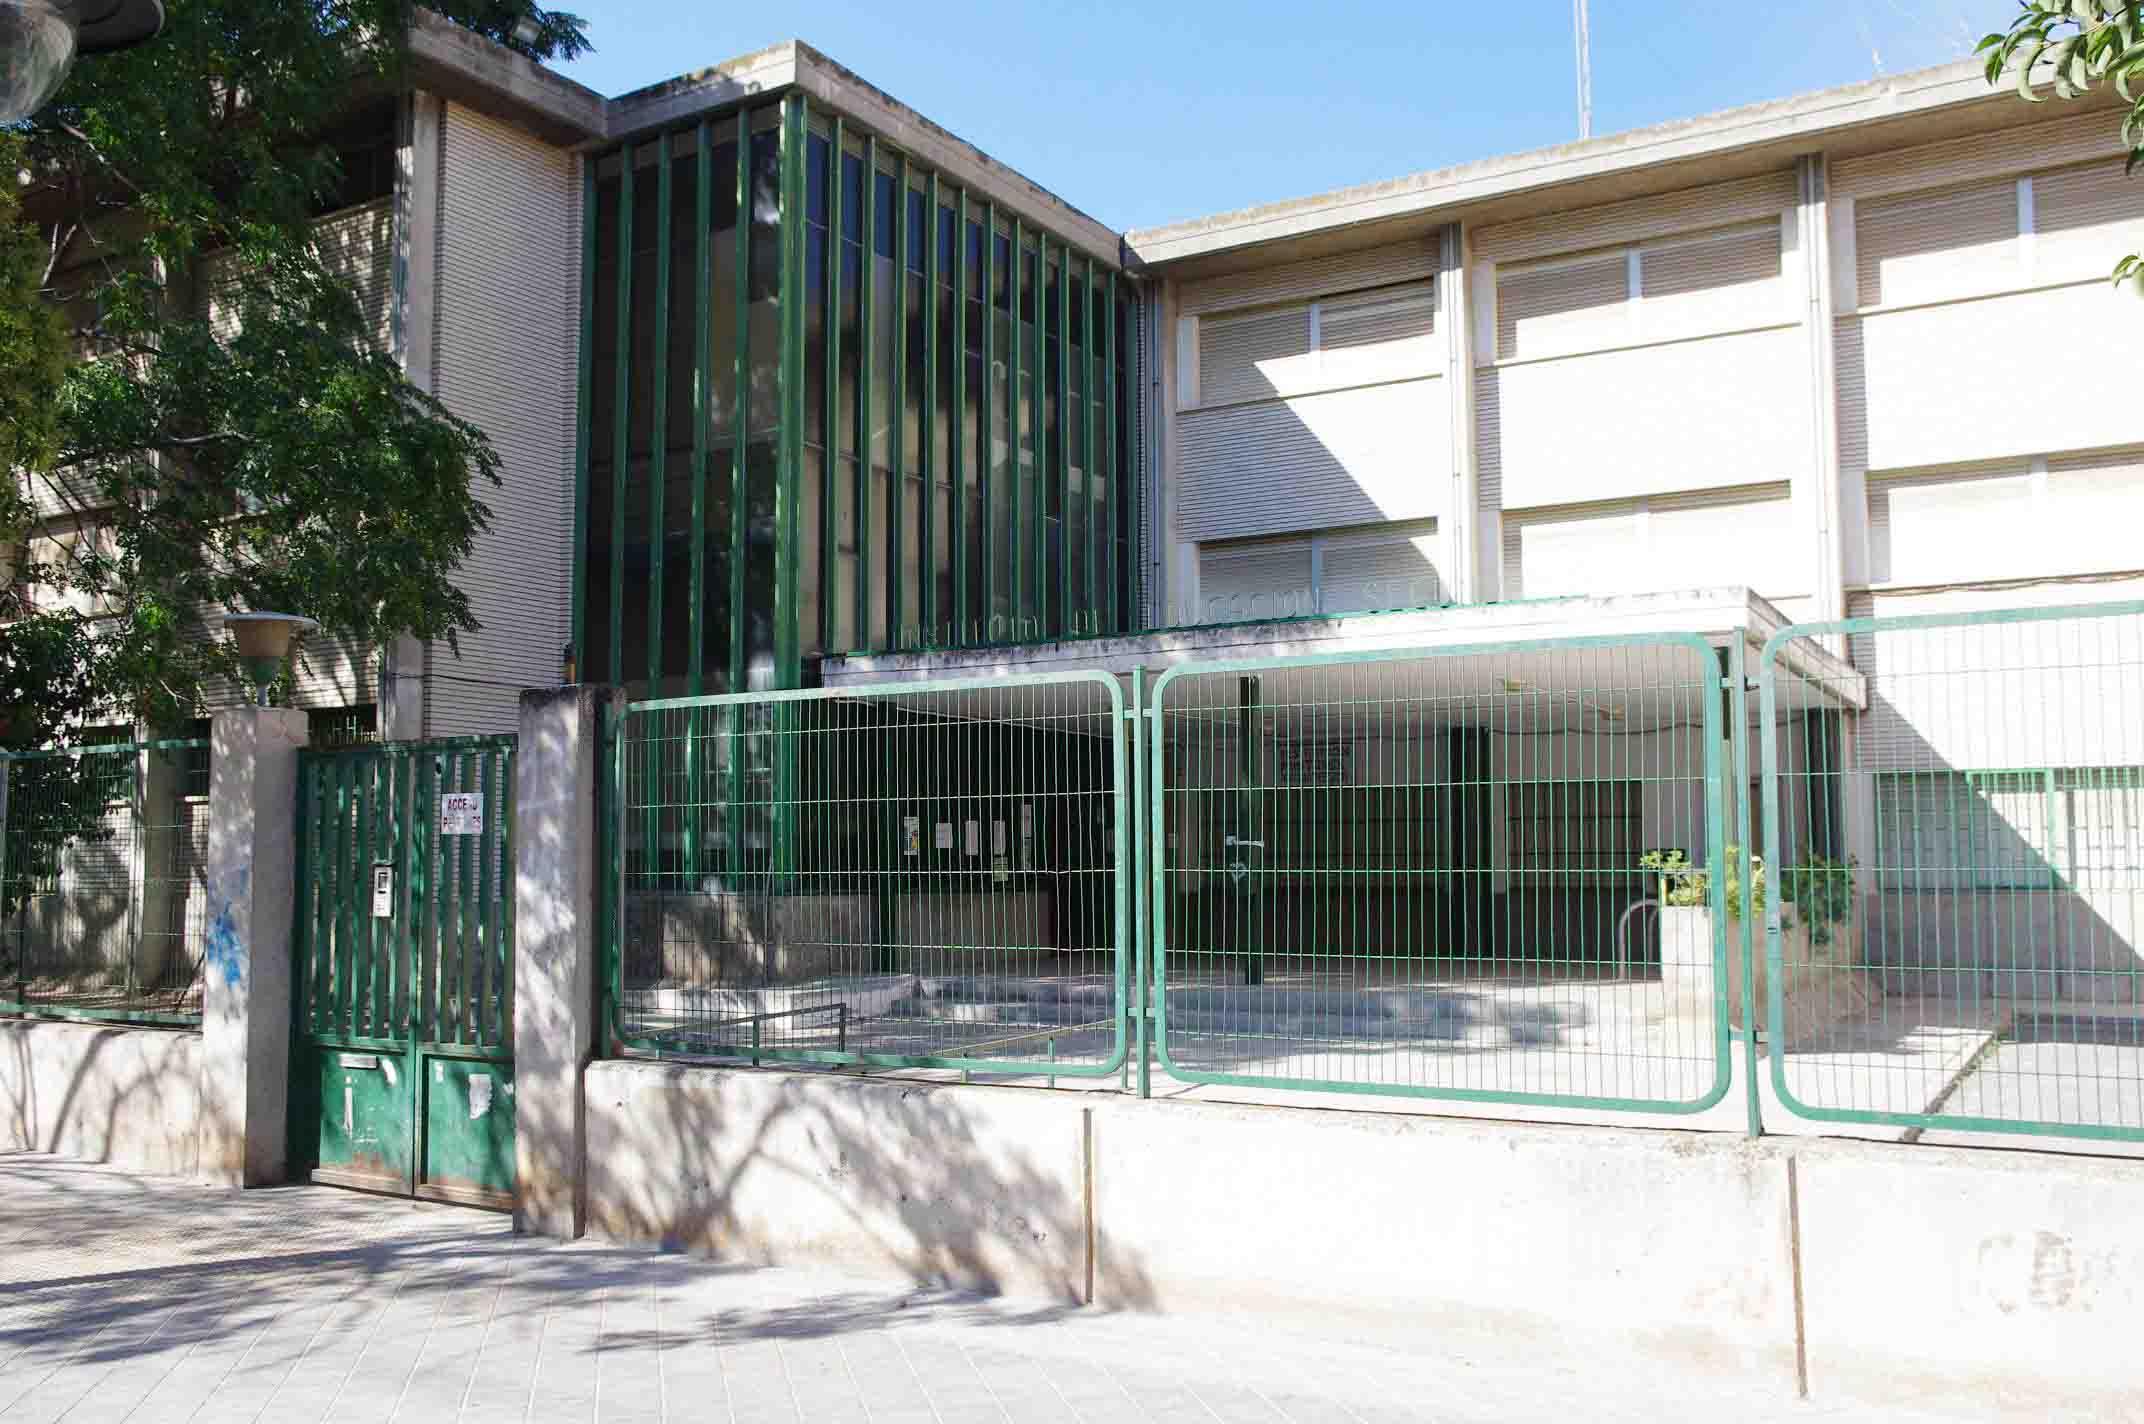 Luz verde a la remodelación del IES Ramón Muntaner de Xirivella